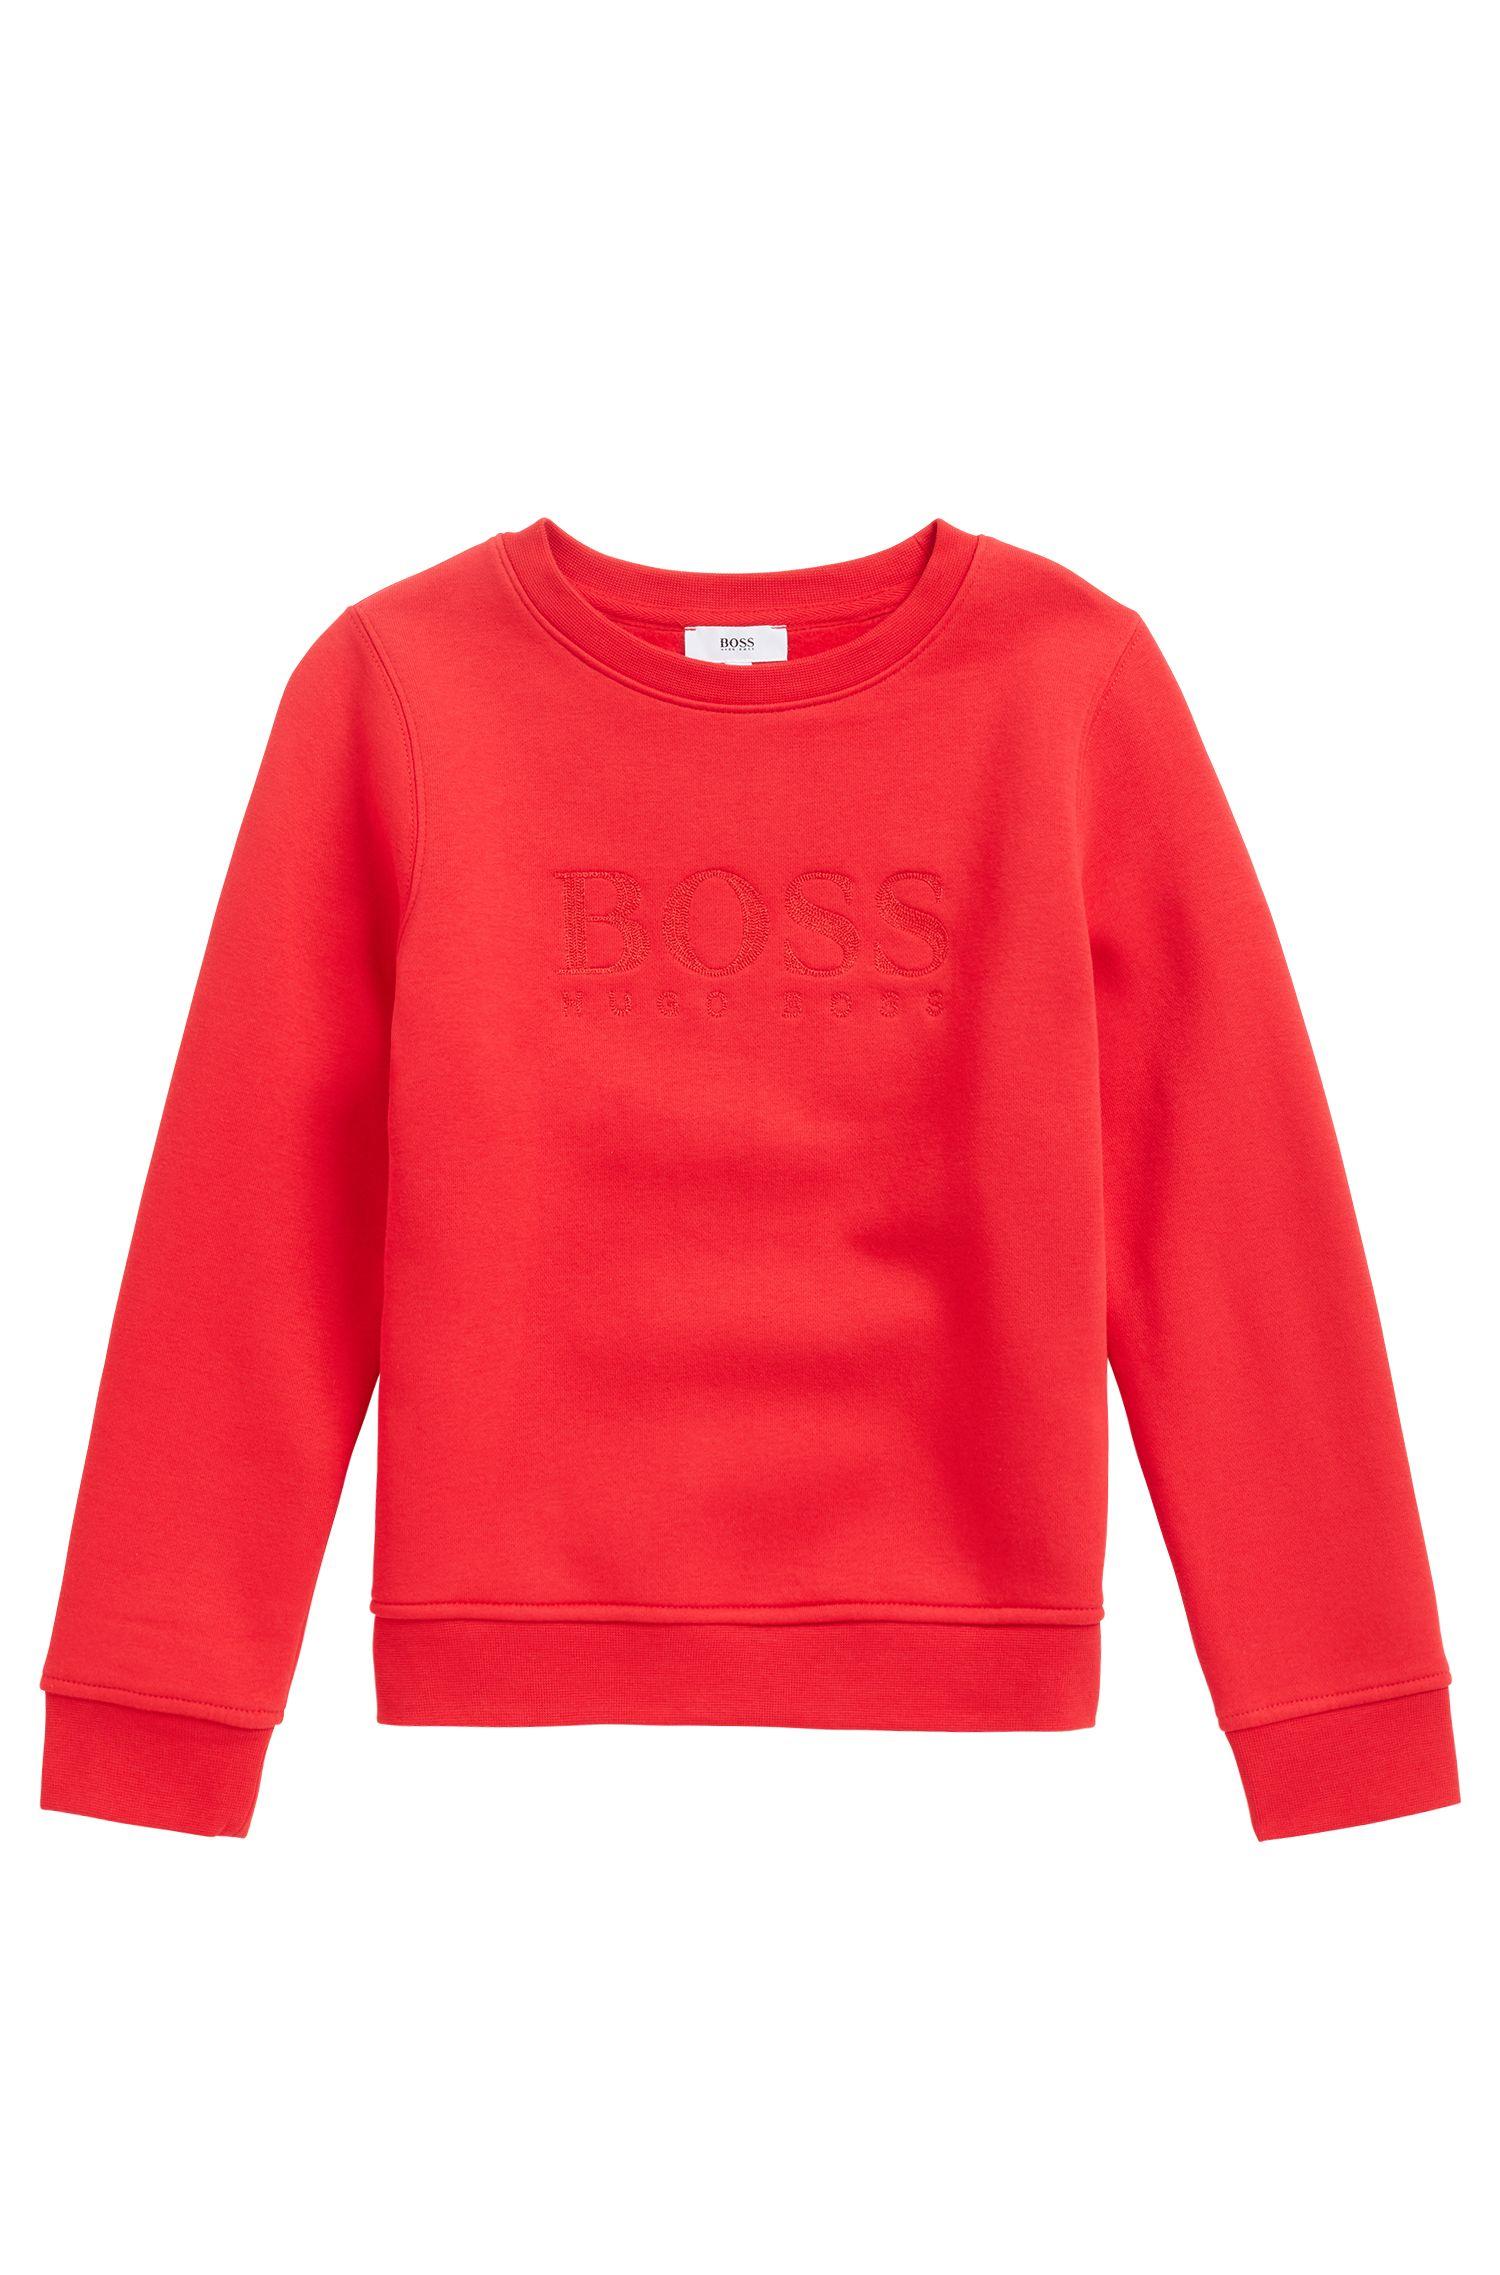 Sweat pour enfant en coton mélangé avec logo brodé, Rouge